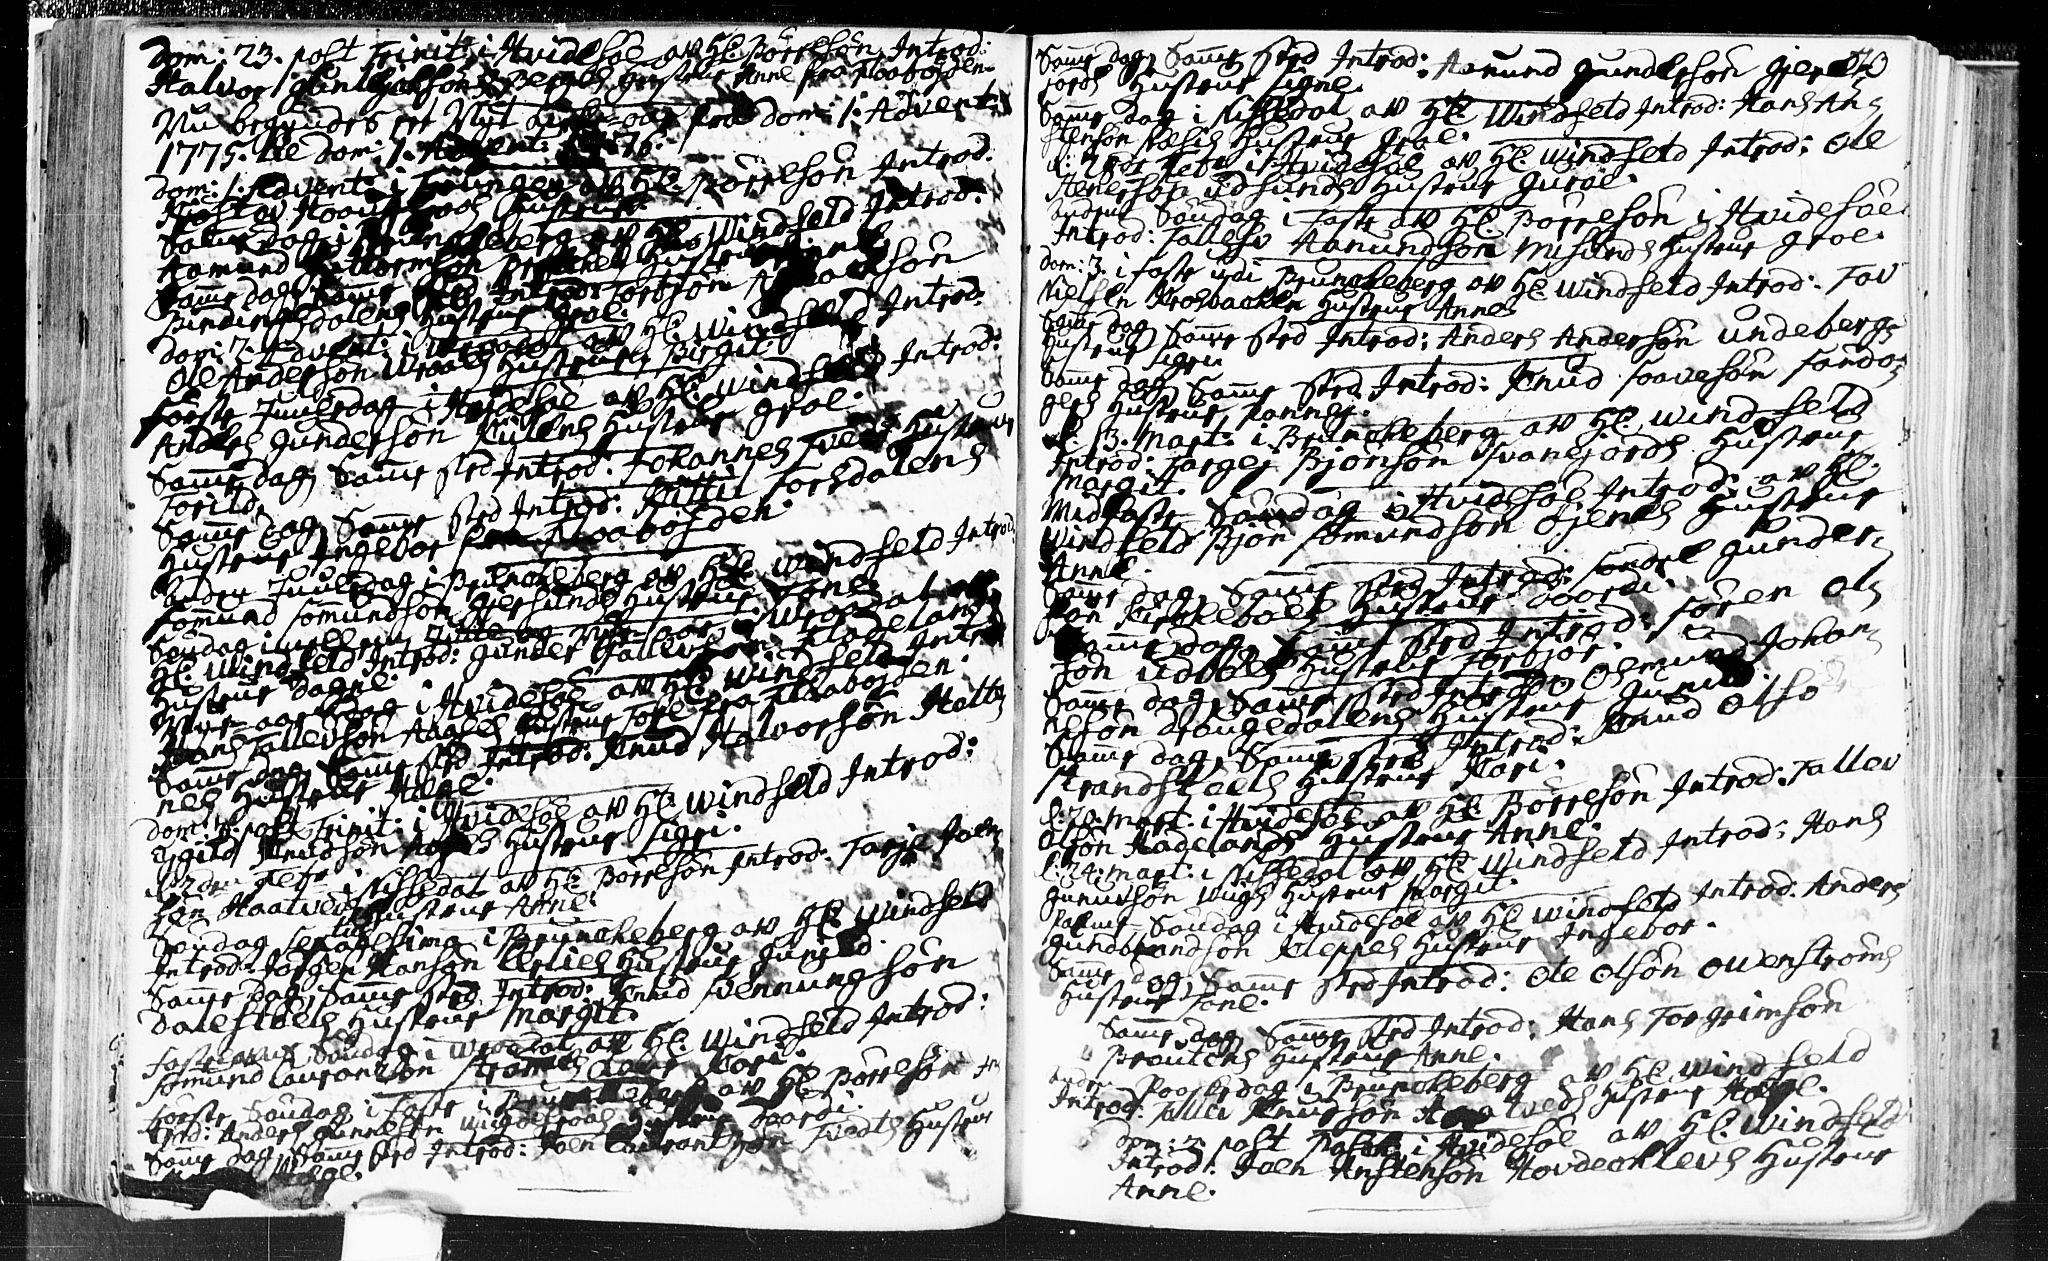 SAKO, Kviteseid kirkebøker, F/Fa/L0002: Ministerialbok nr. I 2, 1773-1786, s. 70